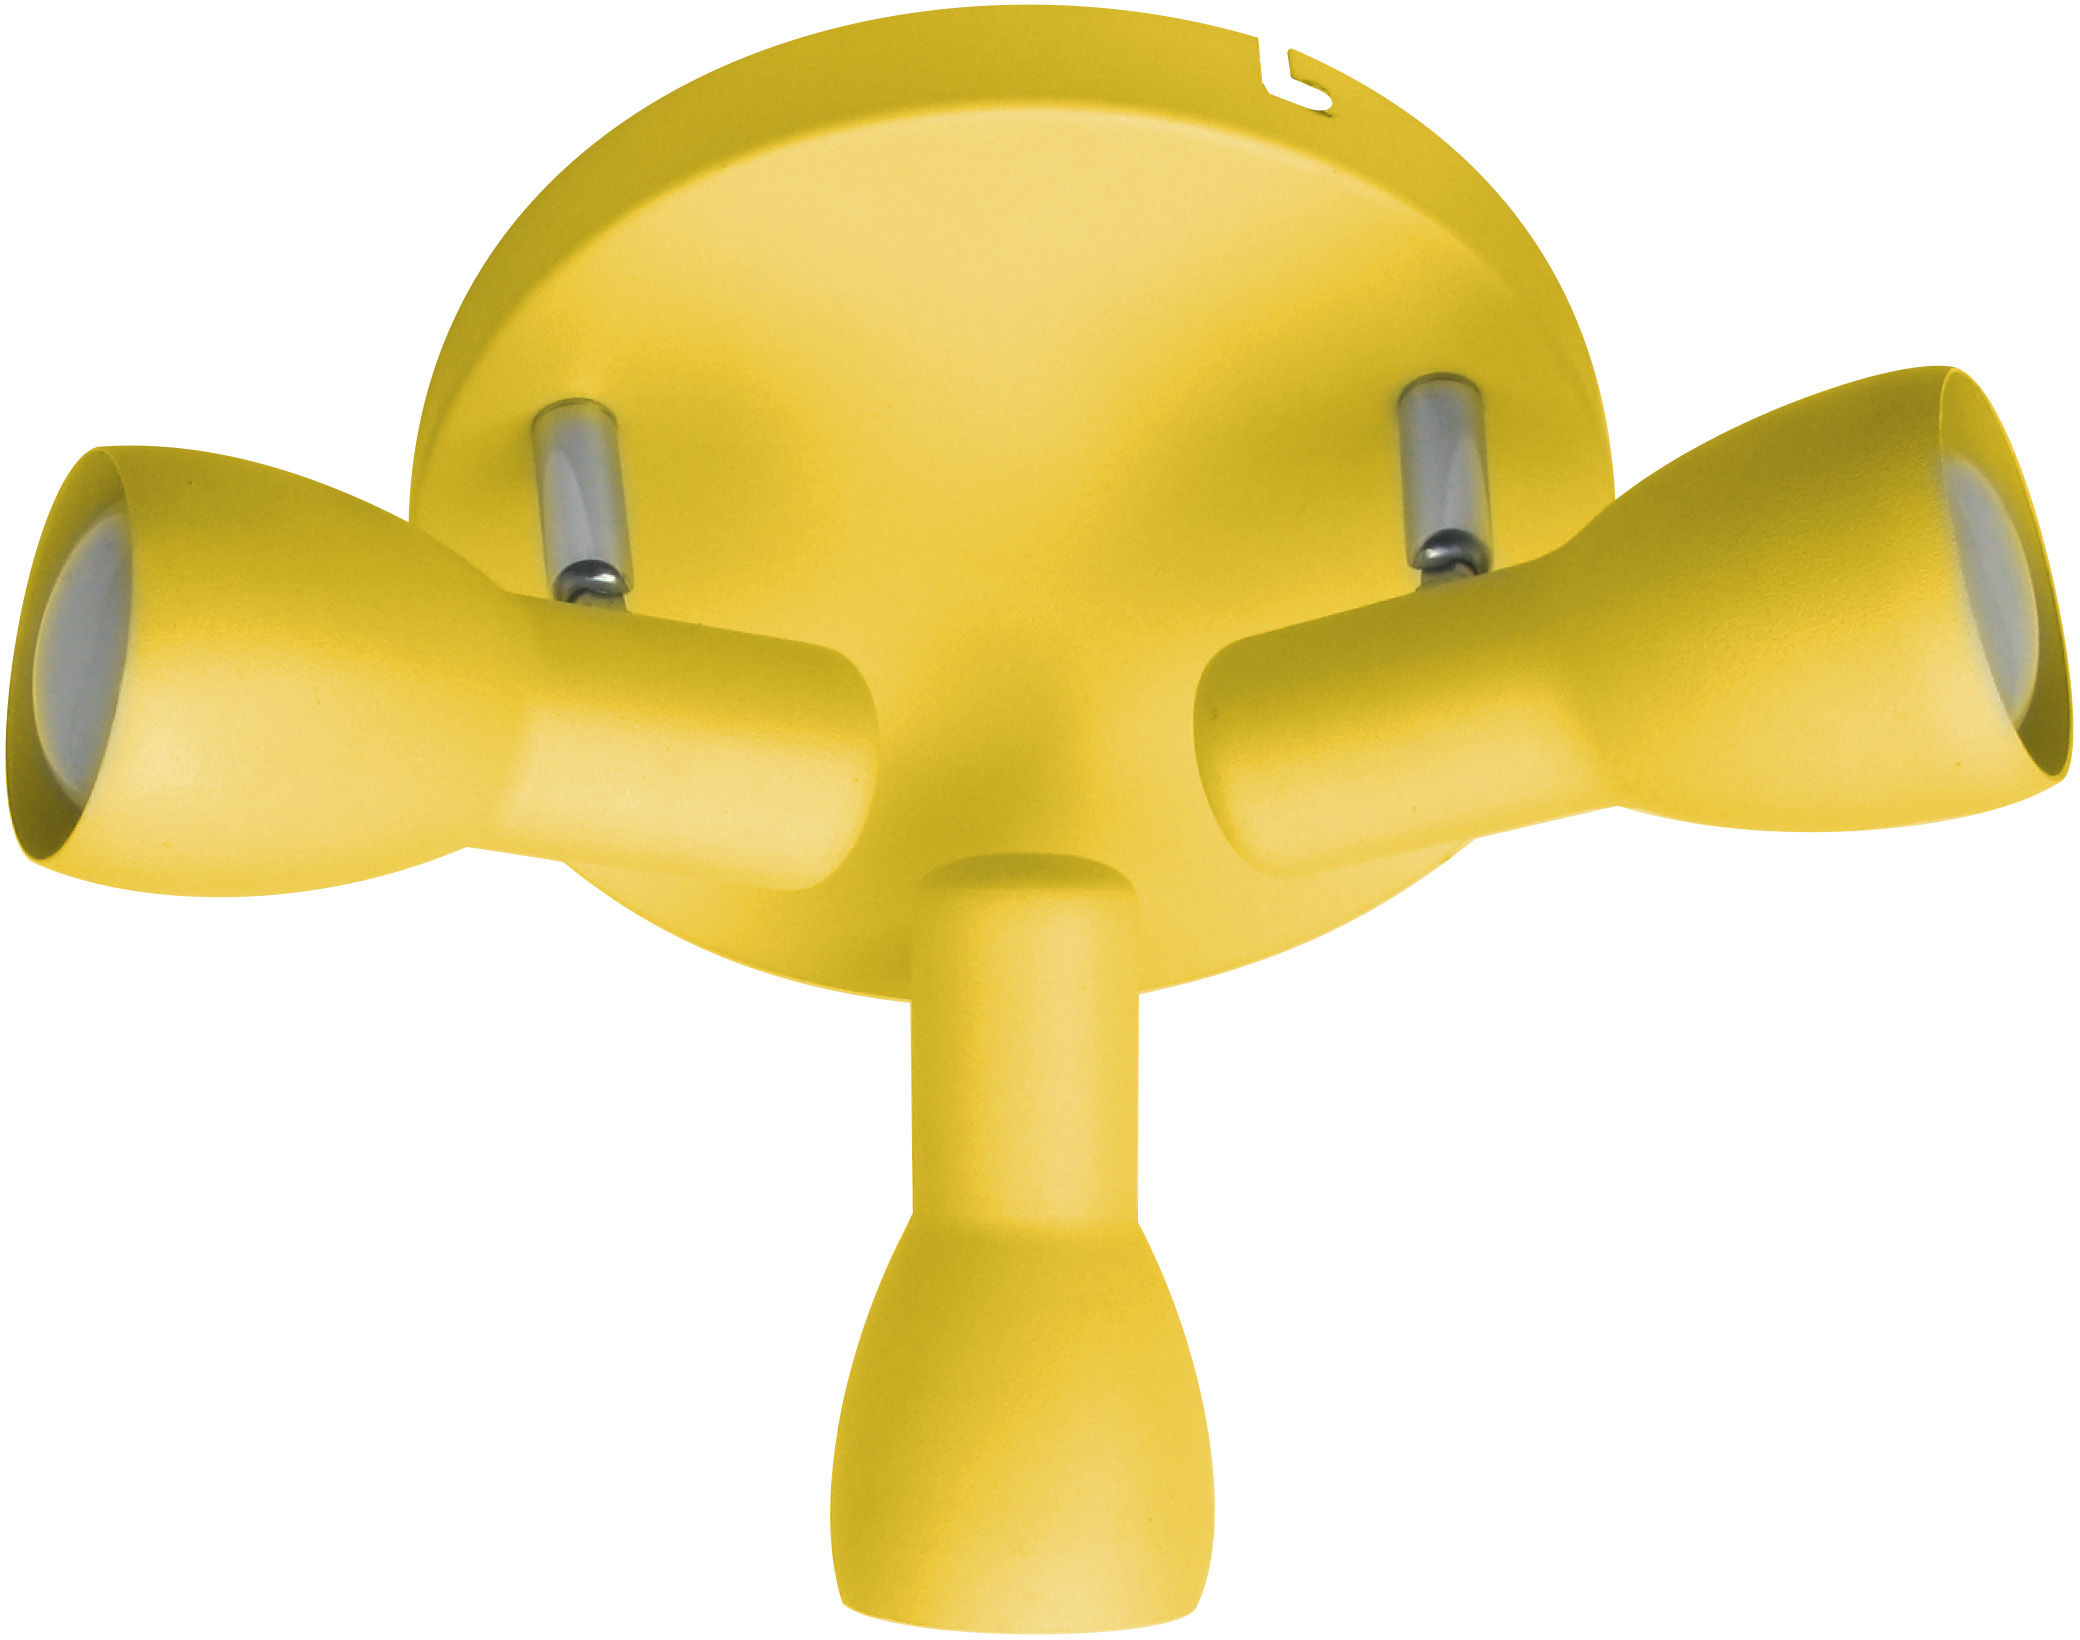 Candellux PICARDO 98-52414 plafon lampa sufitowa musztardowa stalowy klosz 3X40W E14 29cm